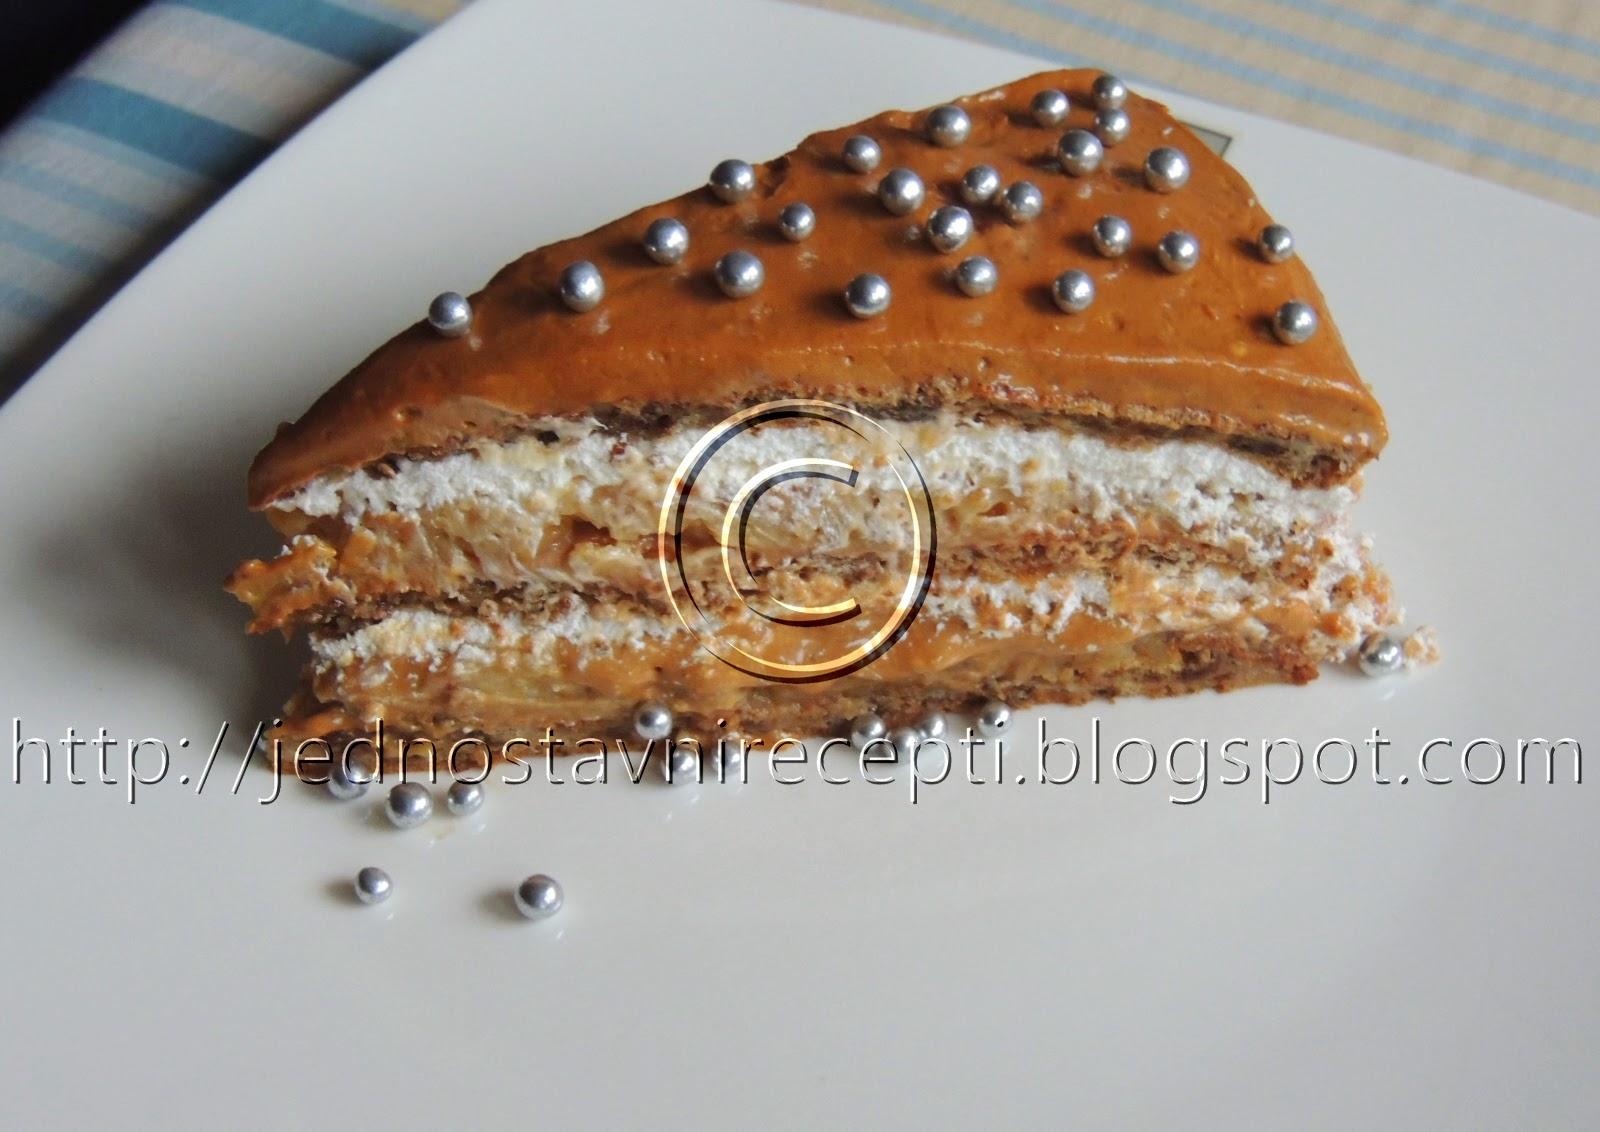 Torta sa kikirikijem, cokoladom i orasima